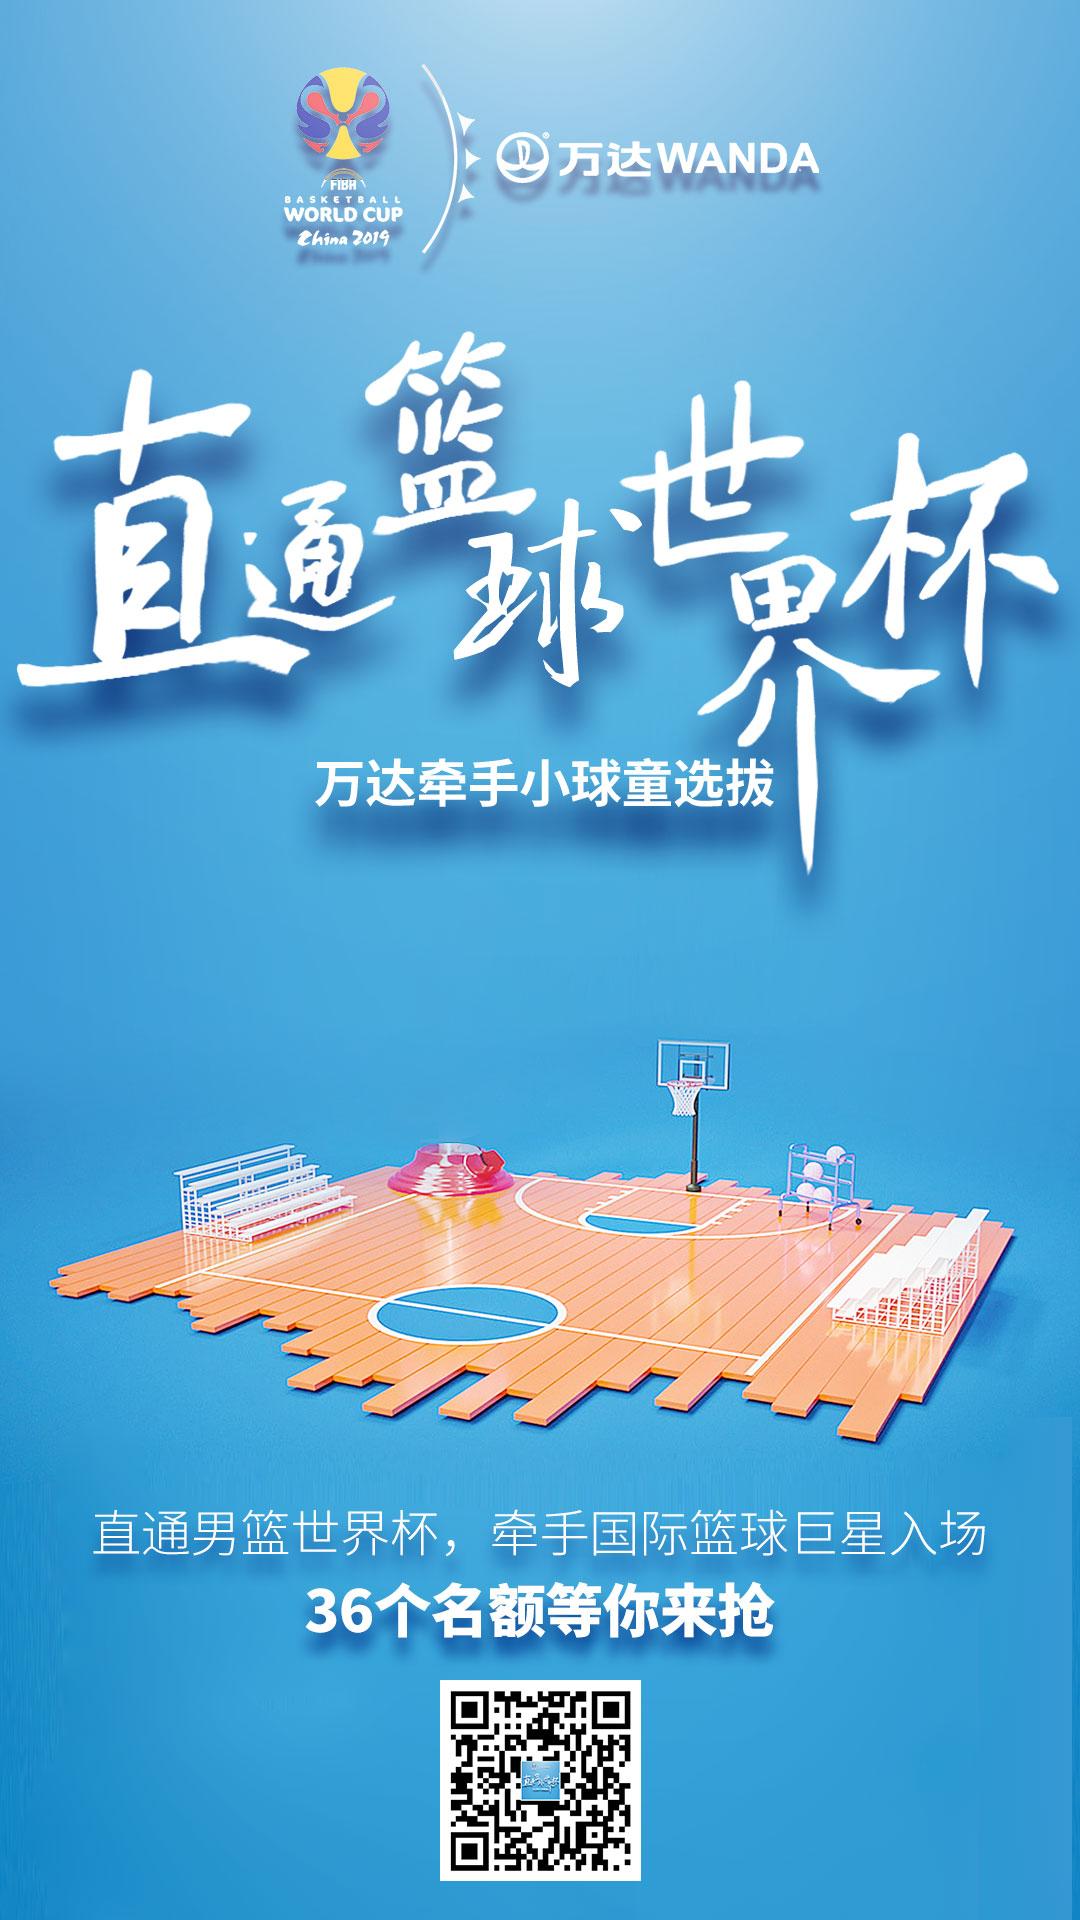 娱乐网注册送白菜举办篮球世界杯牵手球童全国招募